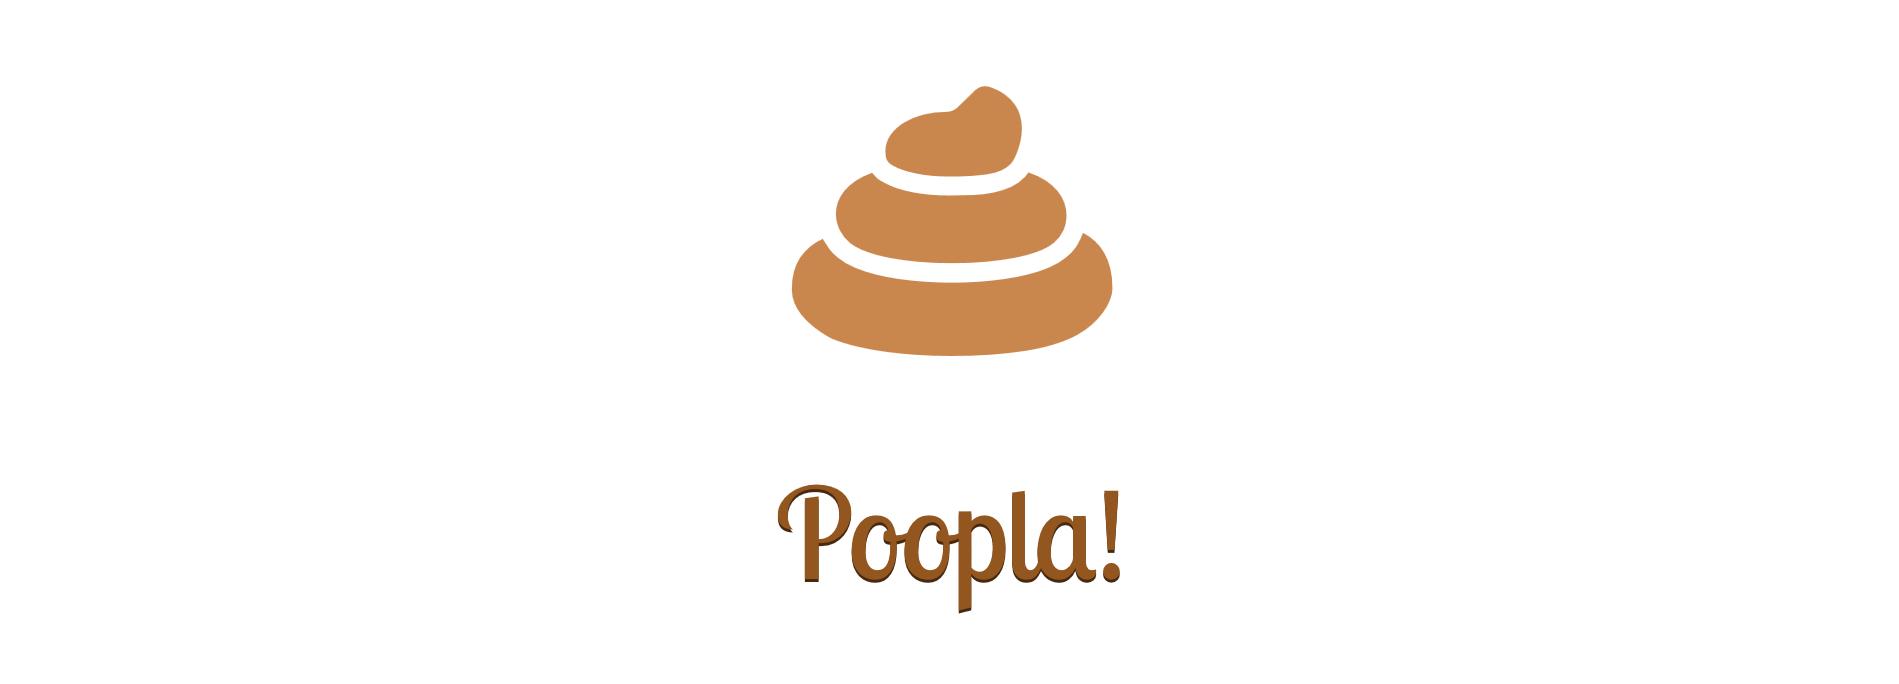 Poopla!